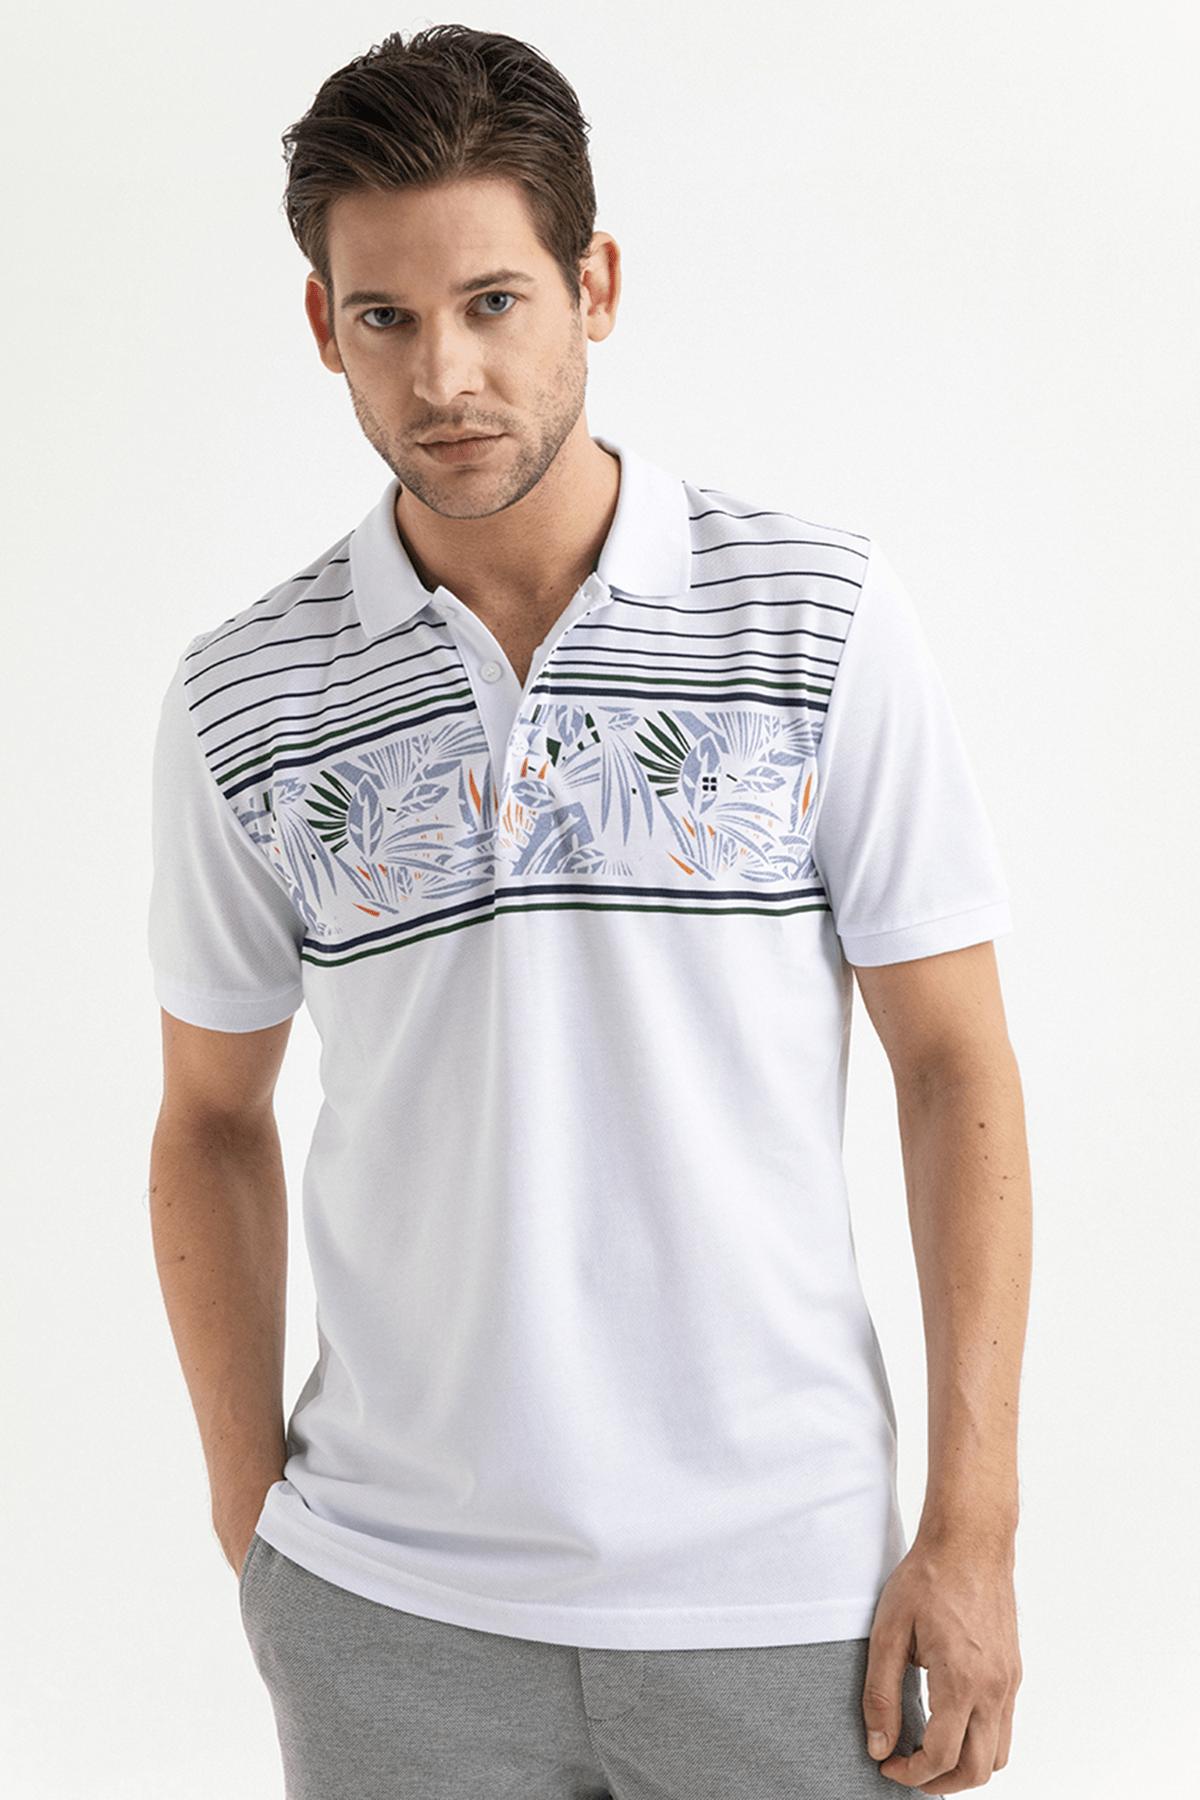 Avva Polo Yaka Baskılı T-Shirt